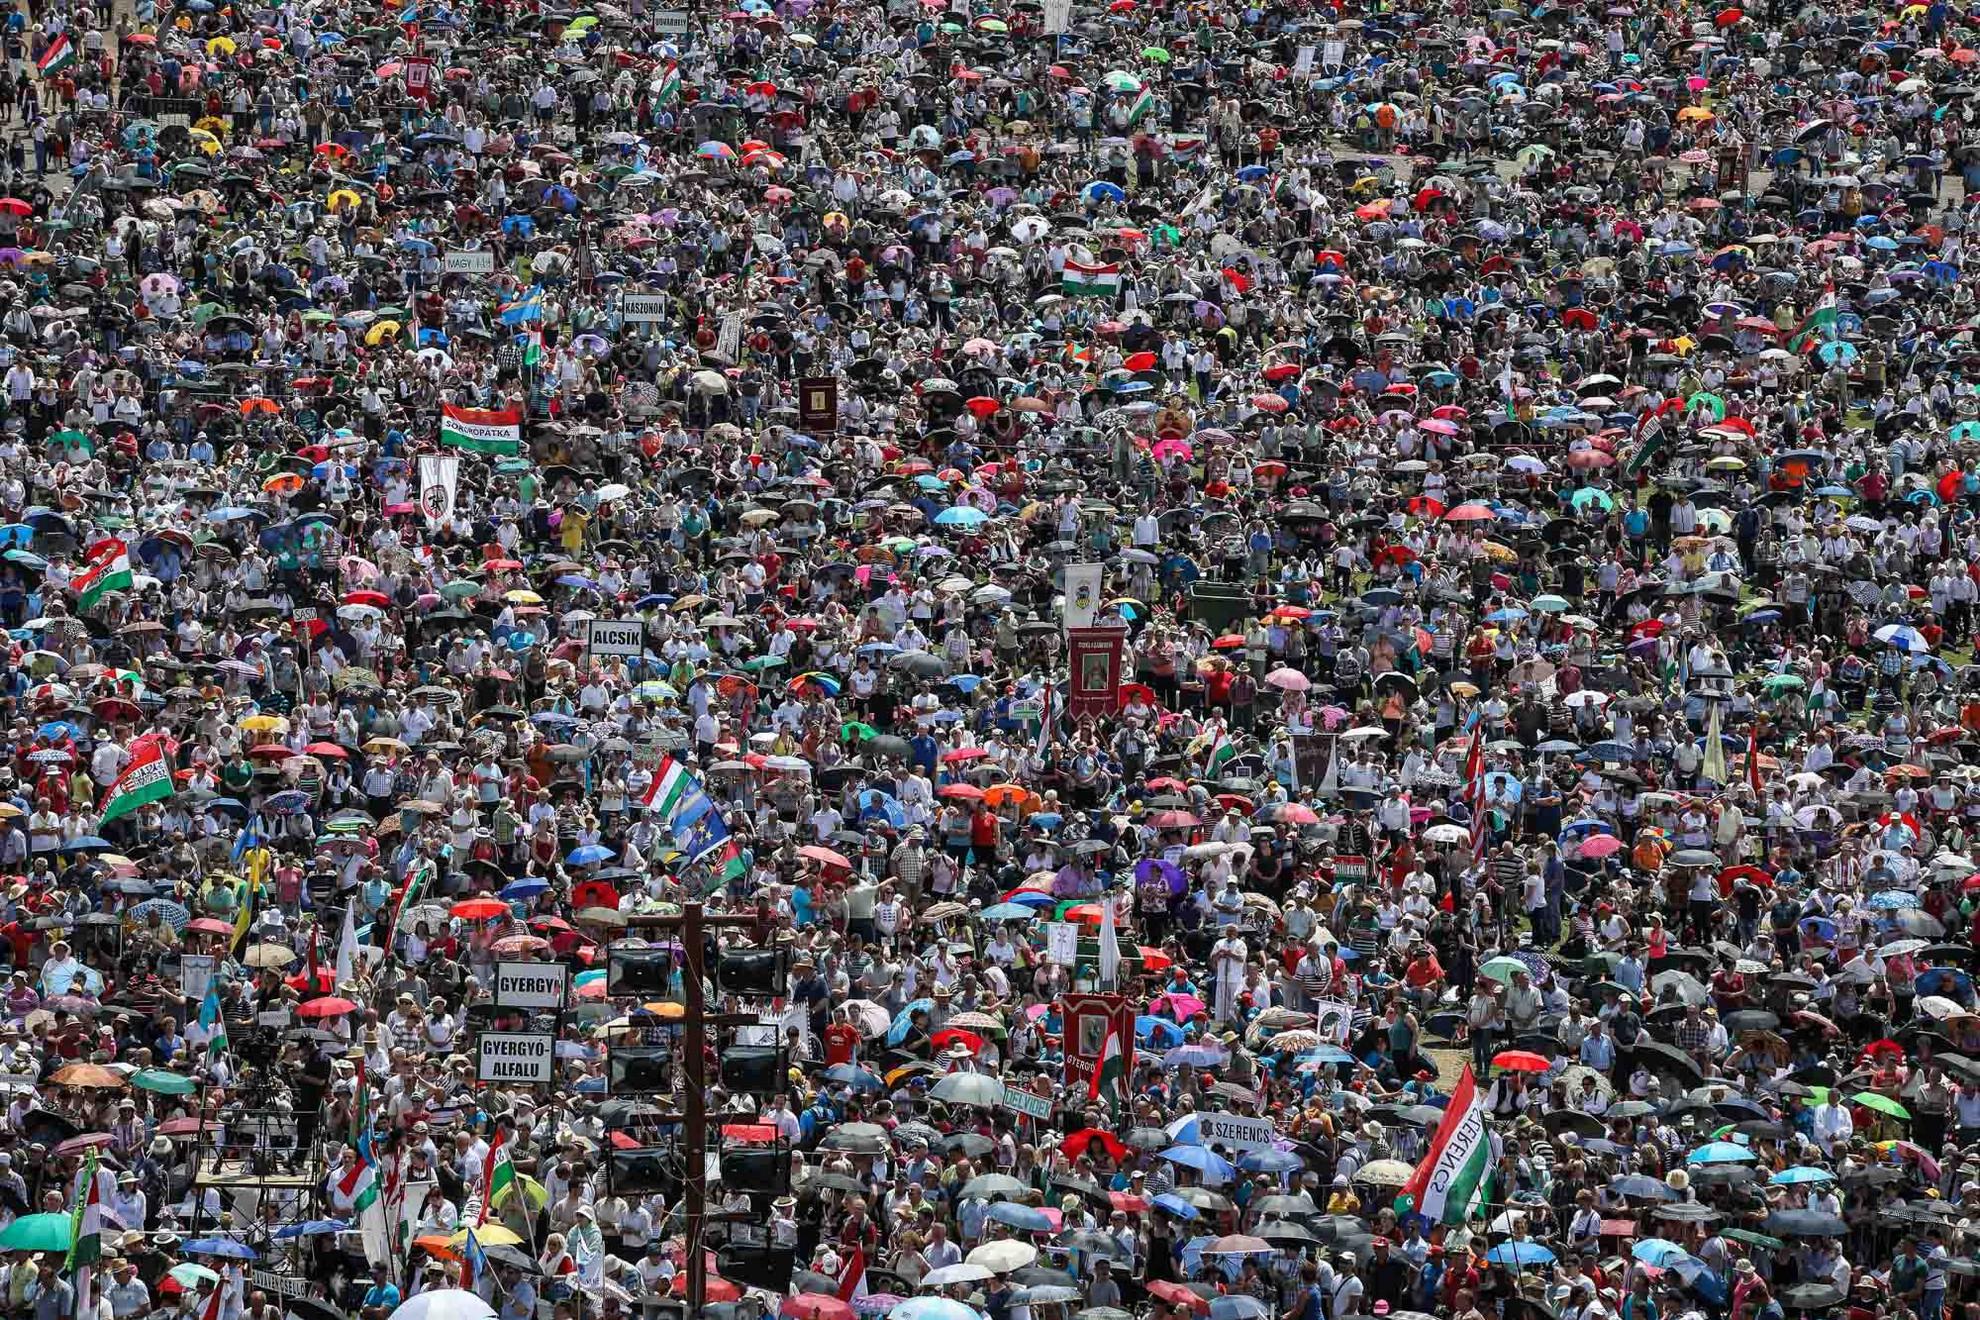 Pál József Csaba szerint amiként Svájcot csodálják, úgy a magyar népet is csodálni fogja a világ, ha a nép meghallja védőszentje, a csíksomlyói szűzanya szavát